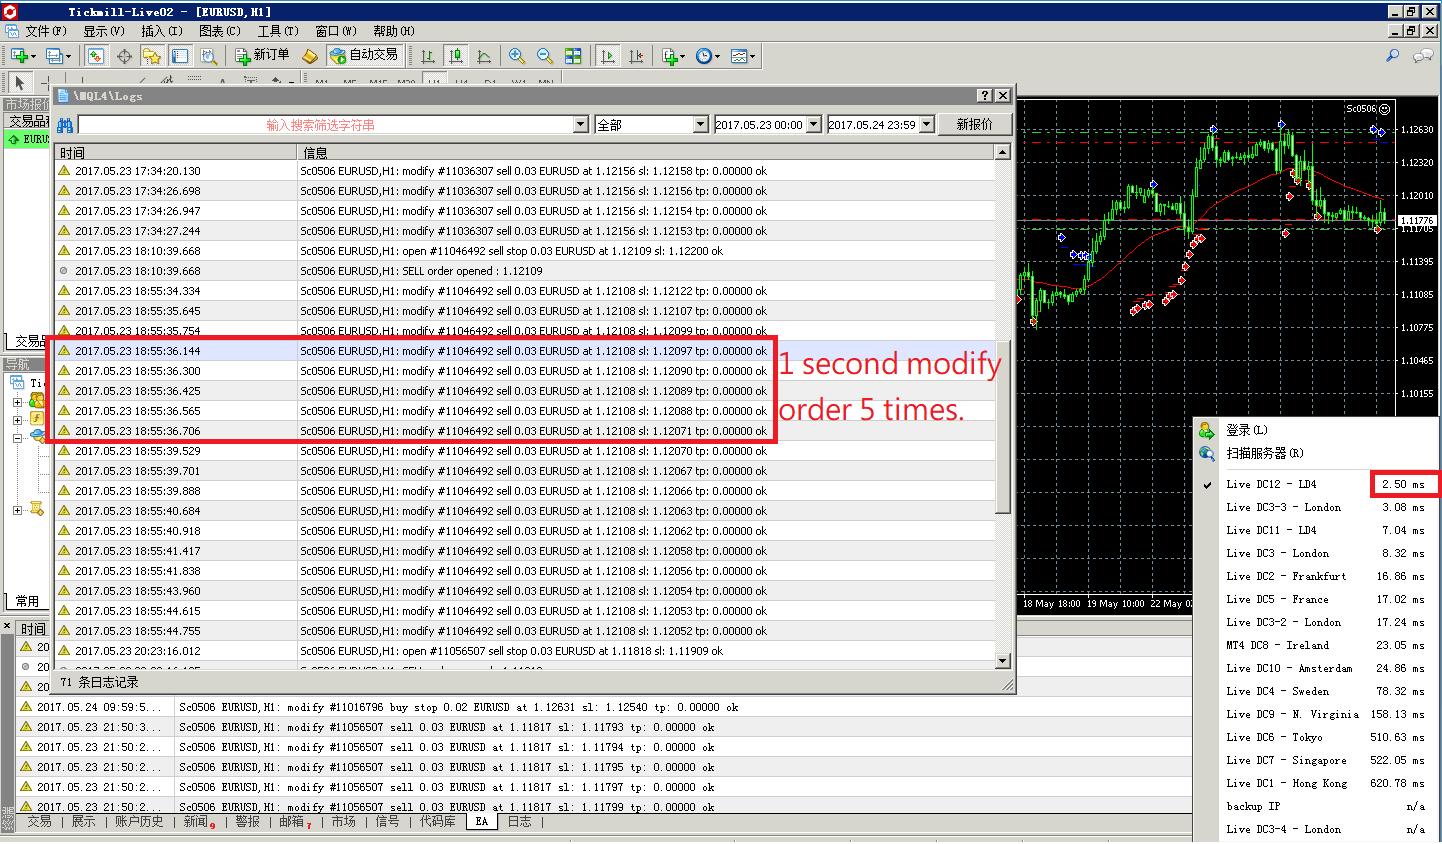 使用低Ping值VPS主機一秒更改停損五次